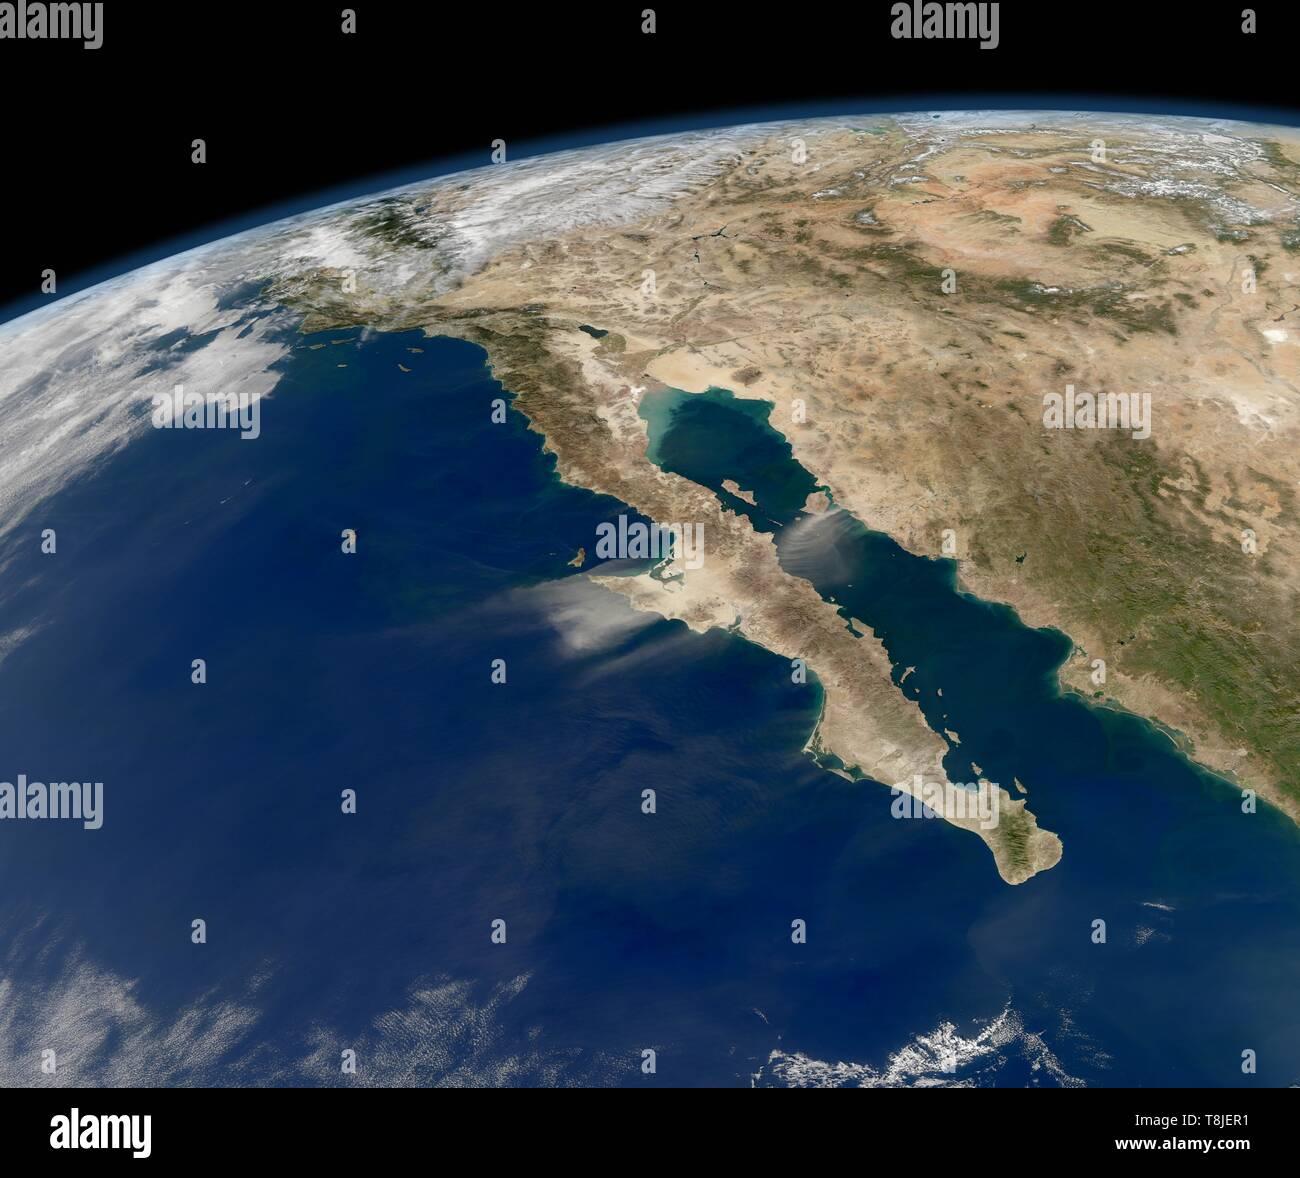 Nuvole di polvere soffiando fuori del Messico in Baja California visto dalla risoluzione moderata Imaging Spectroradiometer (dello spettroradiometro MODIS) su NASA Aqua satellite, 27 novembre 2011. Immagine cortesia Nazionale Aeronautica e Spaziale Administration (NASA). () Immagini Stock